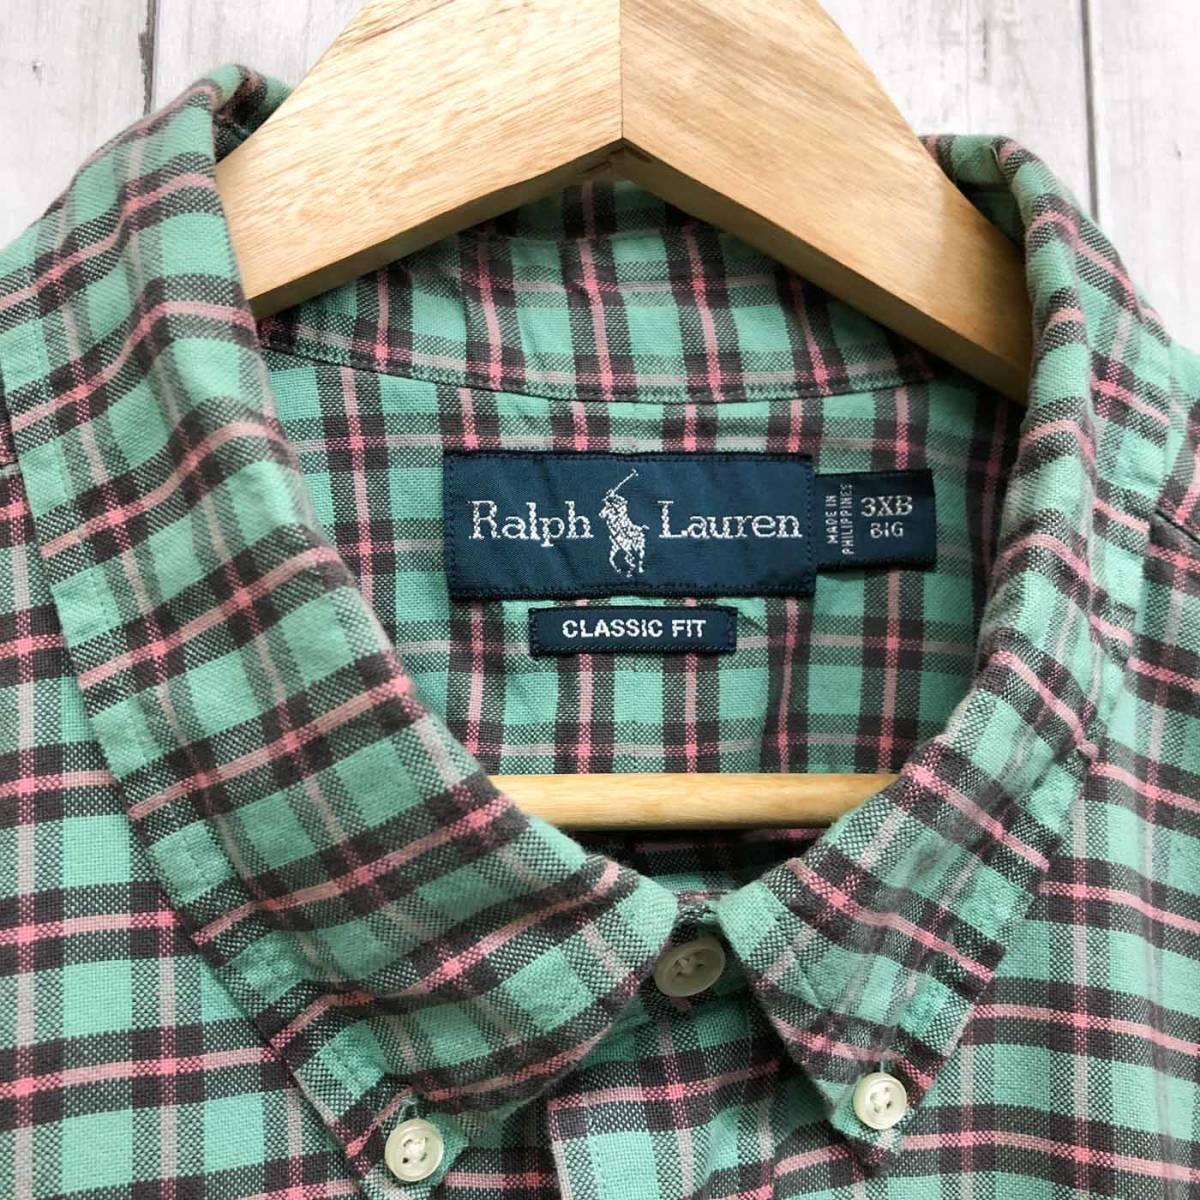 ラルフローレン POLO Ralph Lauren Polo 半袖シャツ メンズ ワンポイント 3XLサイズ 7-185_画像5